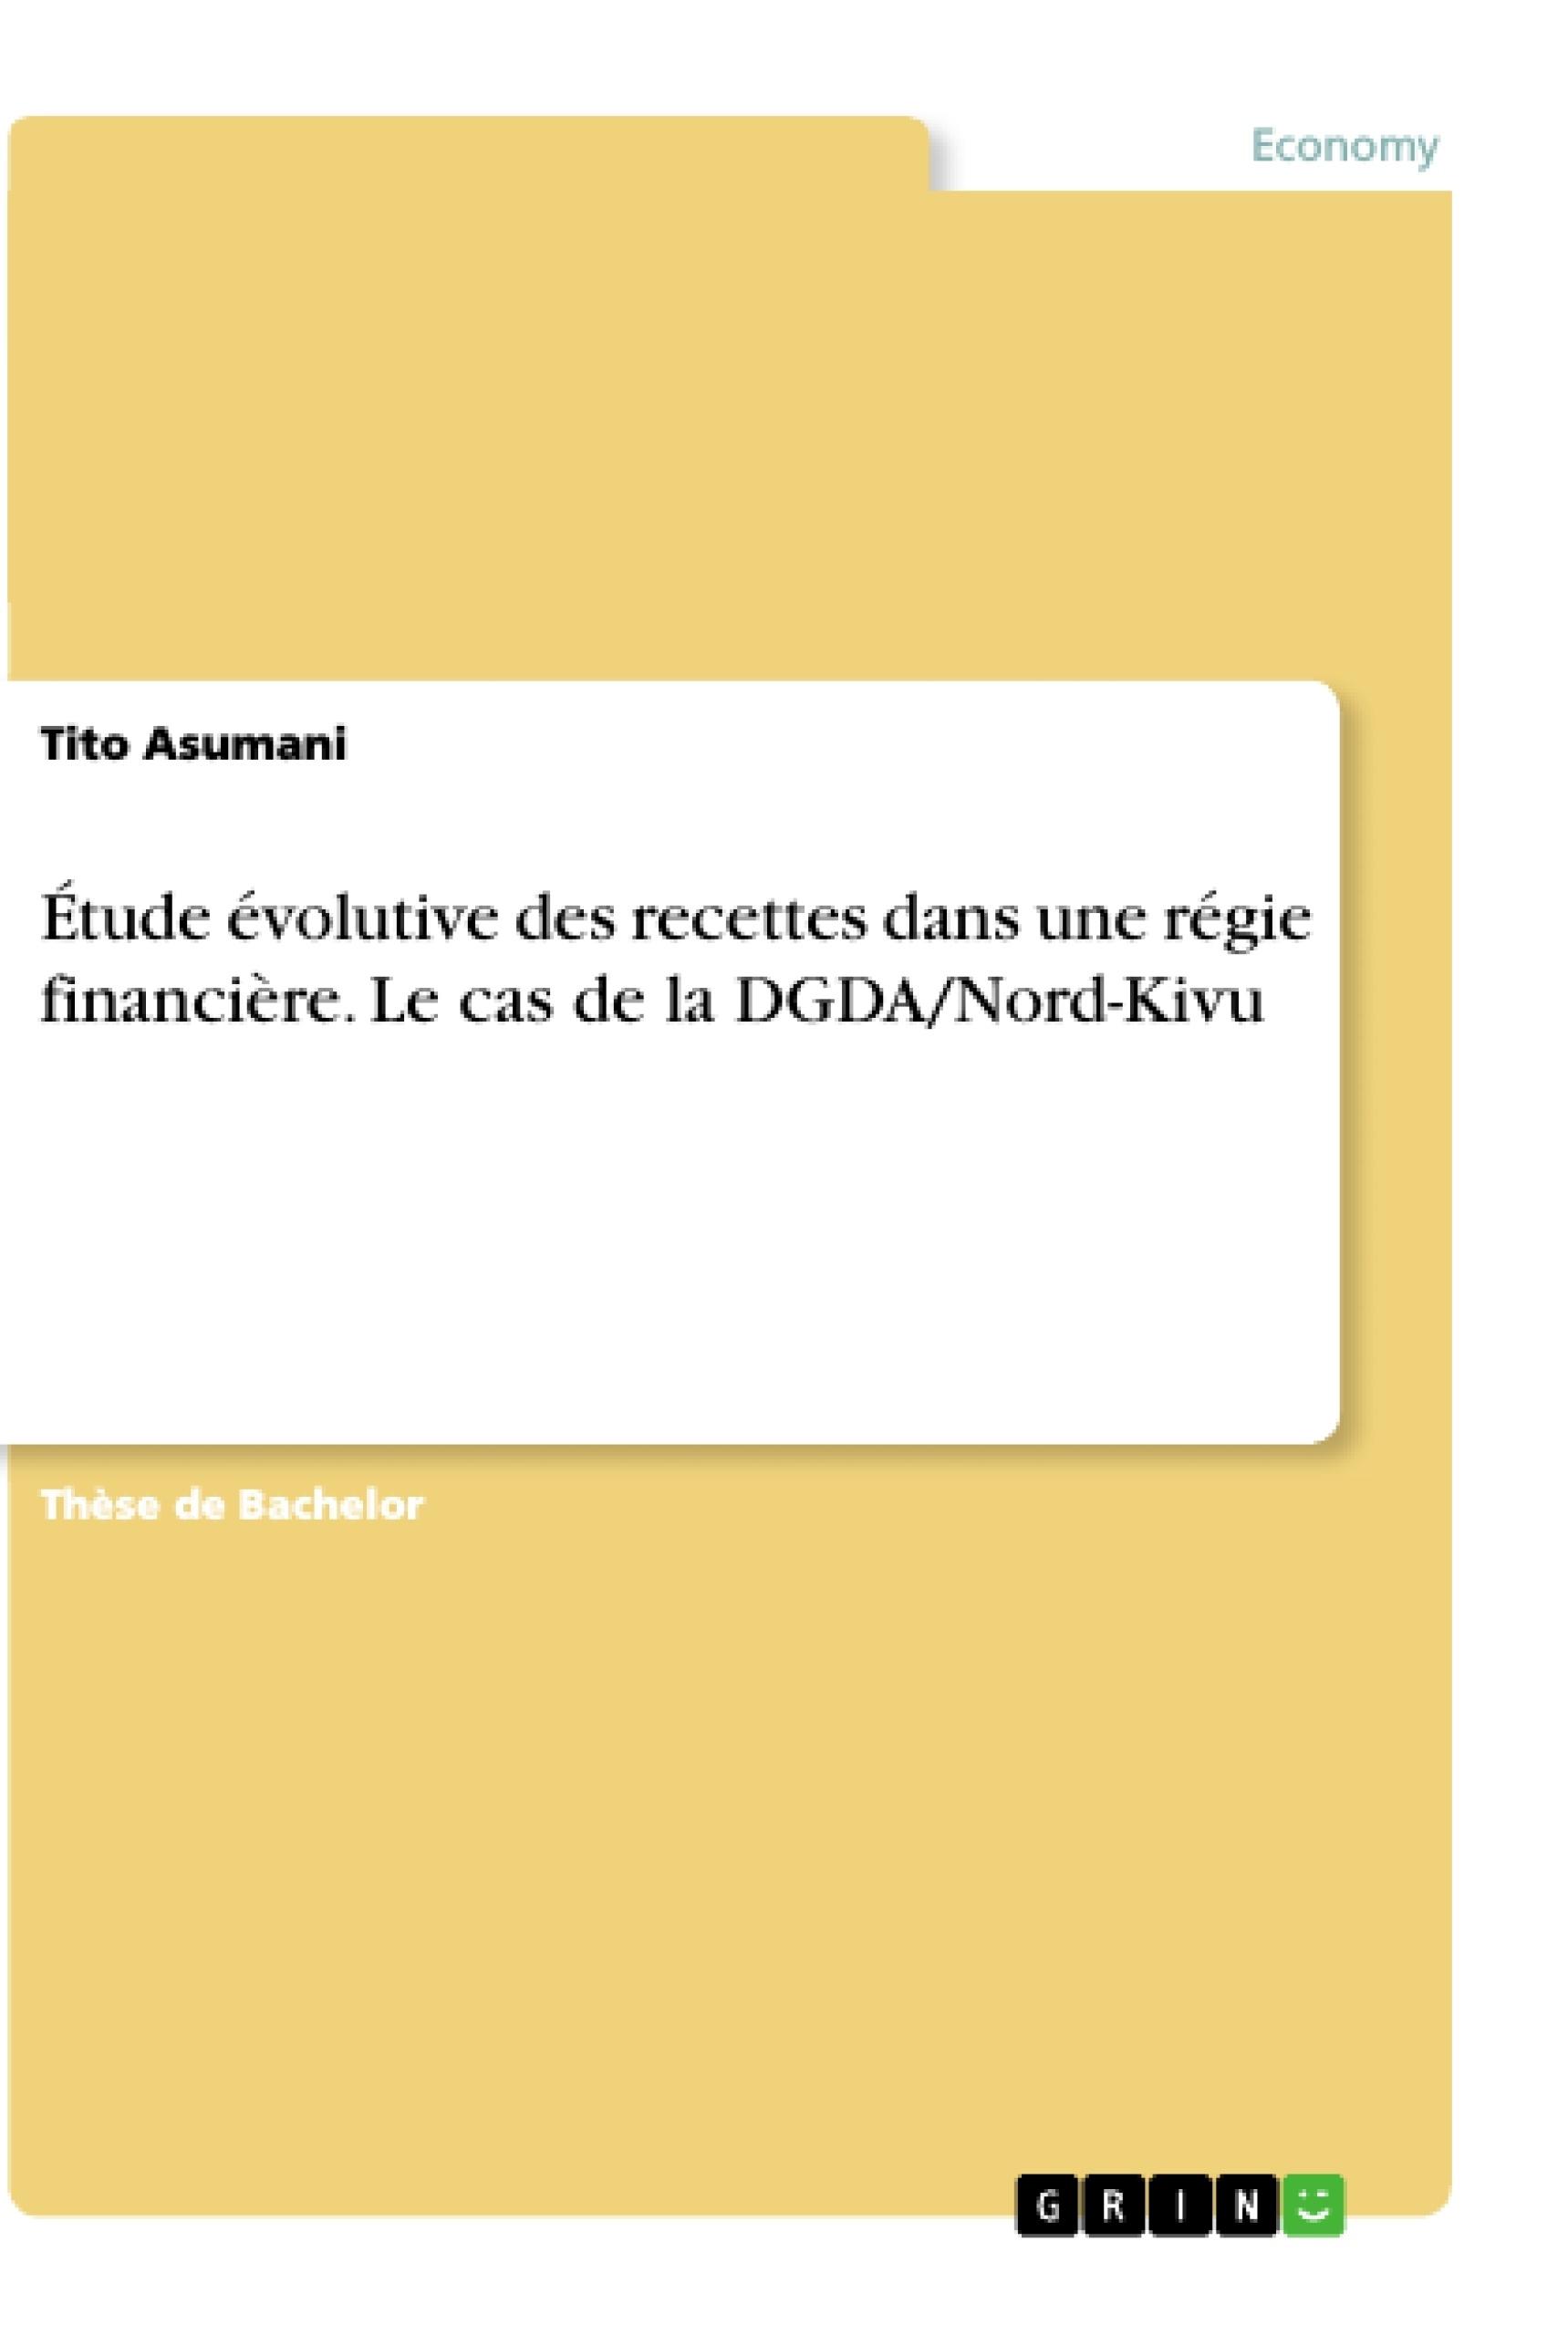 Titre: Étude évolutive des recettes dans une régie financière. Le cas de la DGDA/Nord-Kivu